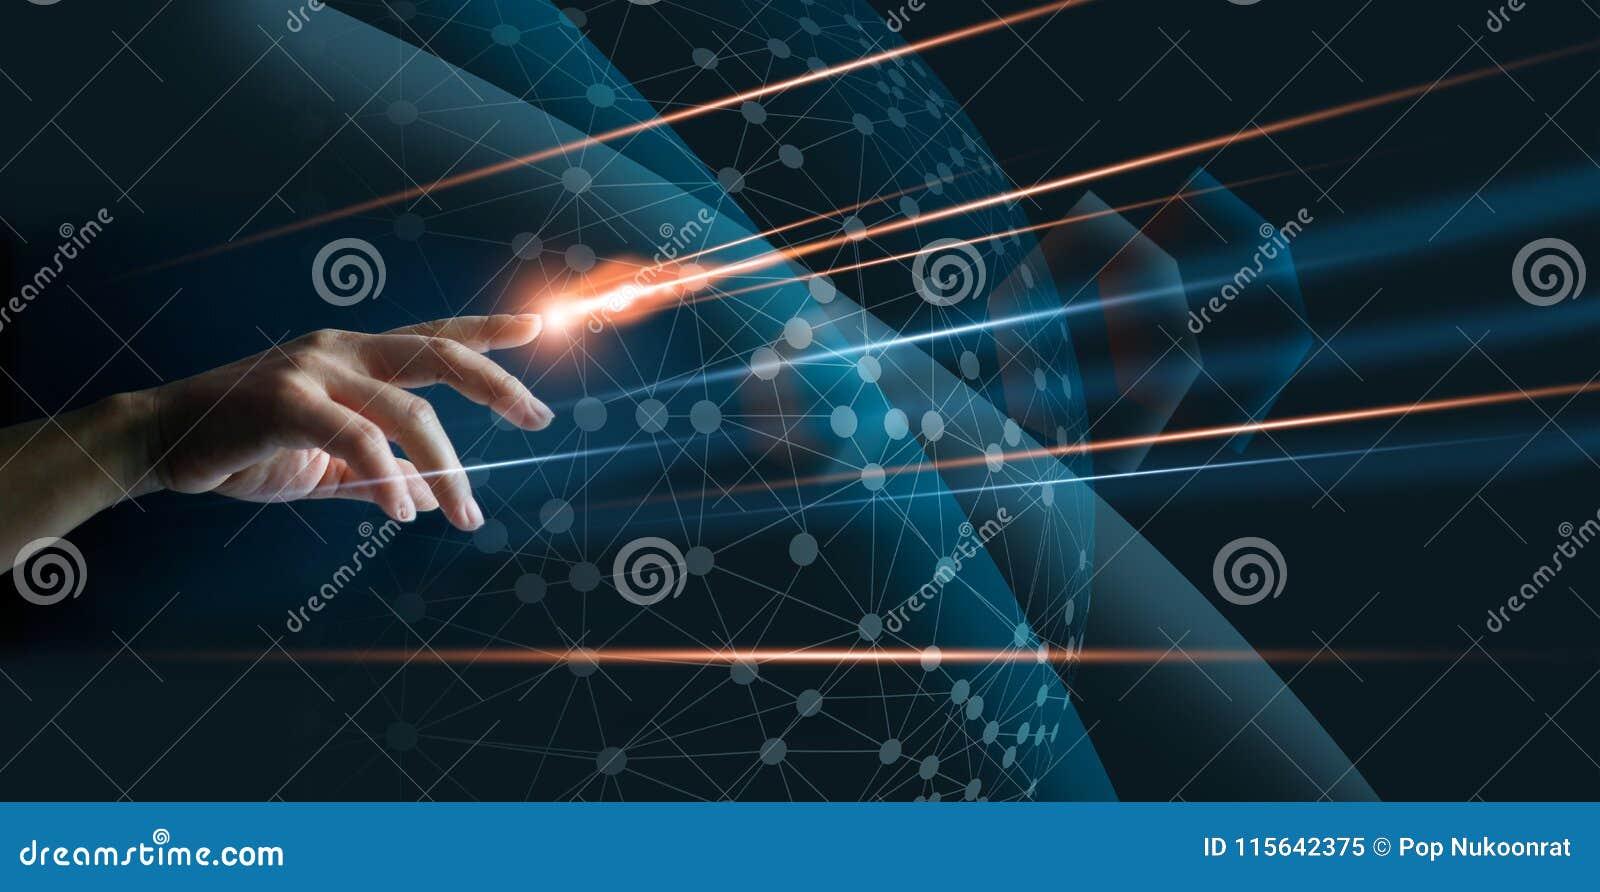 Handvinger met verlichting wat betreft globale netwerkverbinding